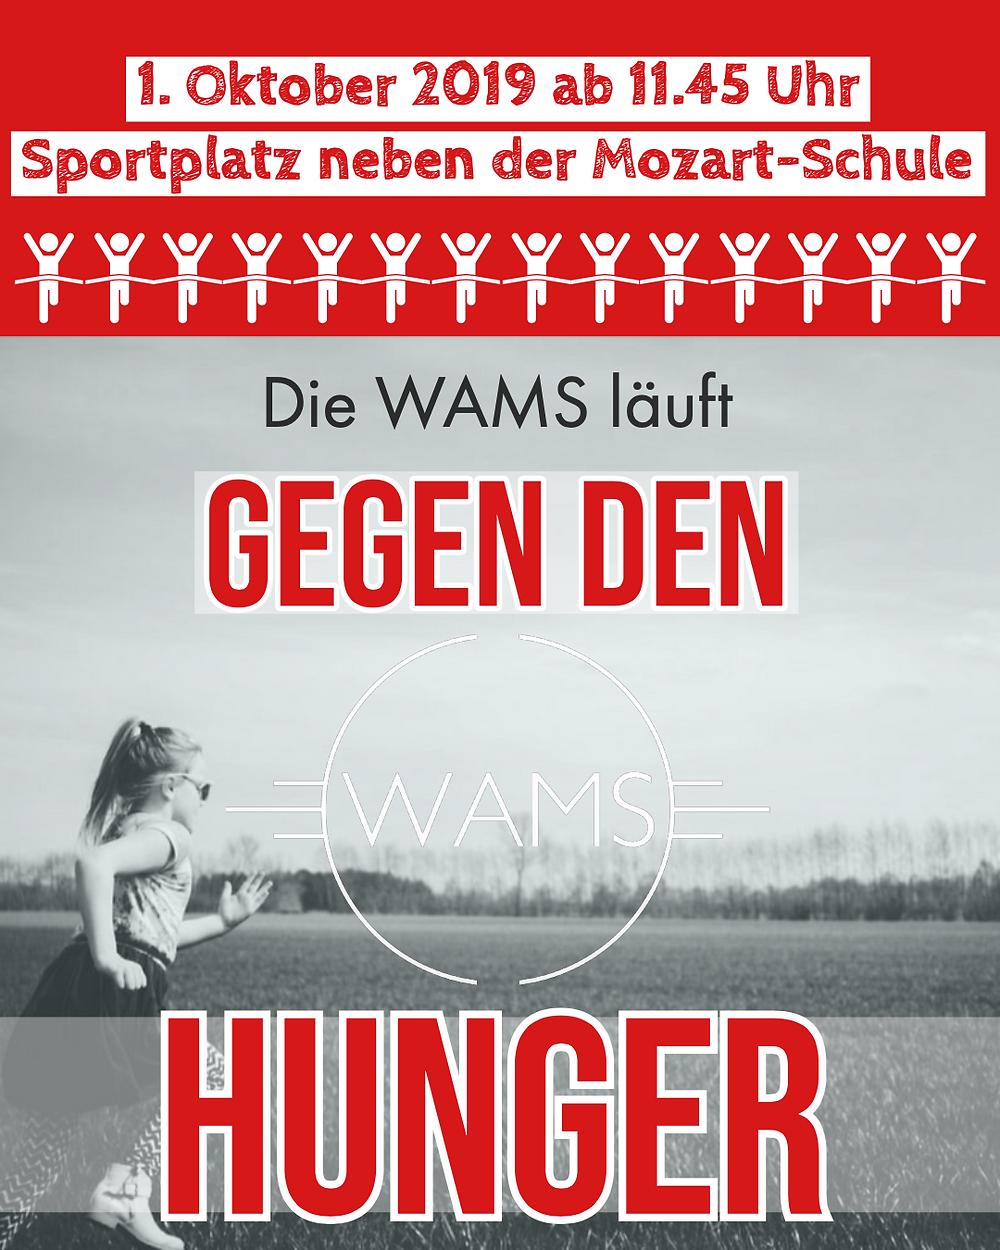 Am 1. Oktober 2019 findet an der Mozart-Schule der Lauf gegen den Hunger mit über 100 Teilnehmern statt.